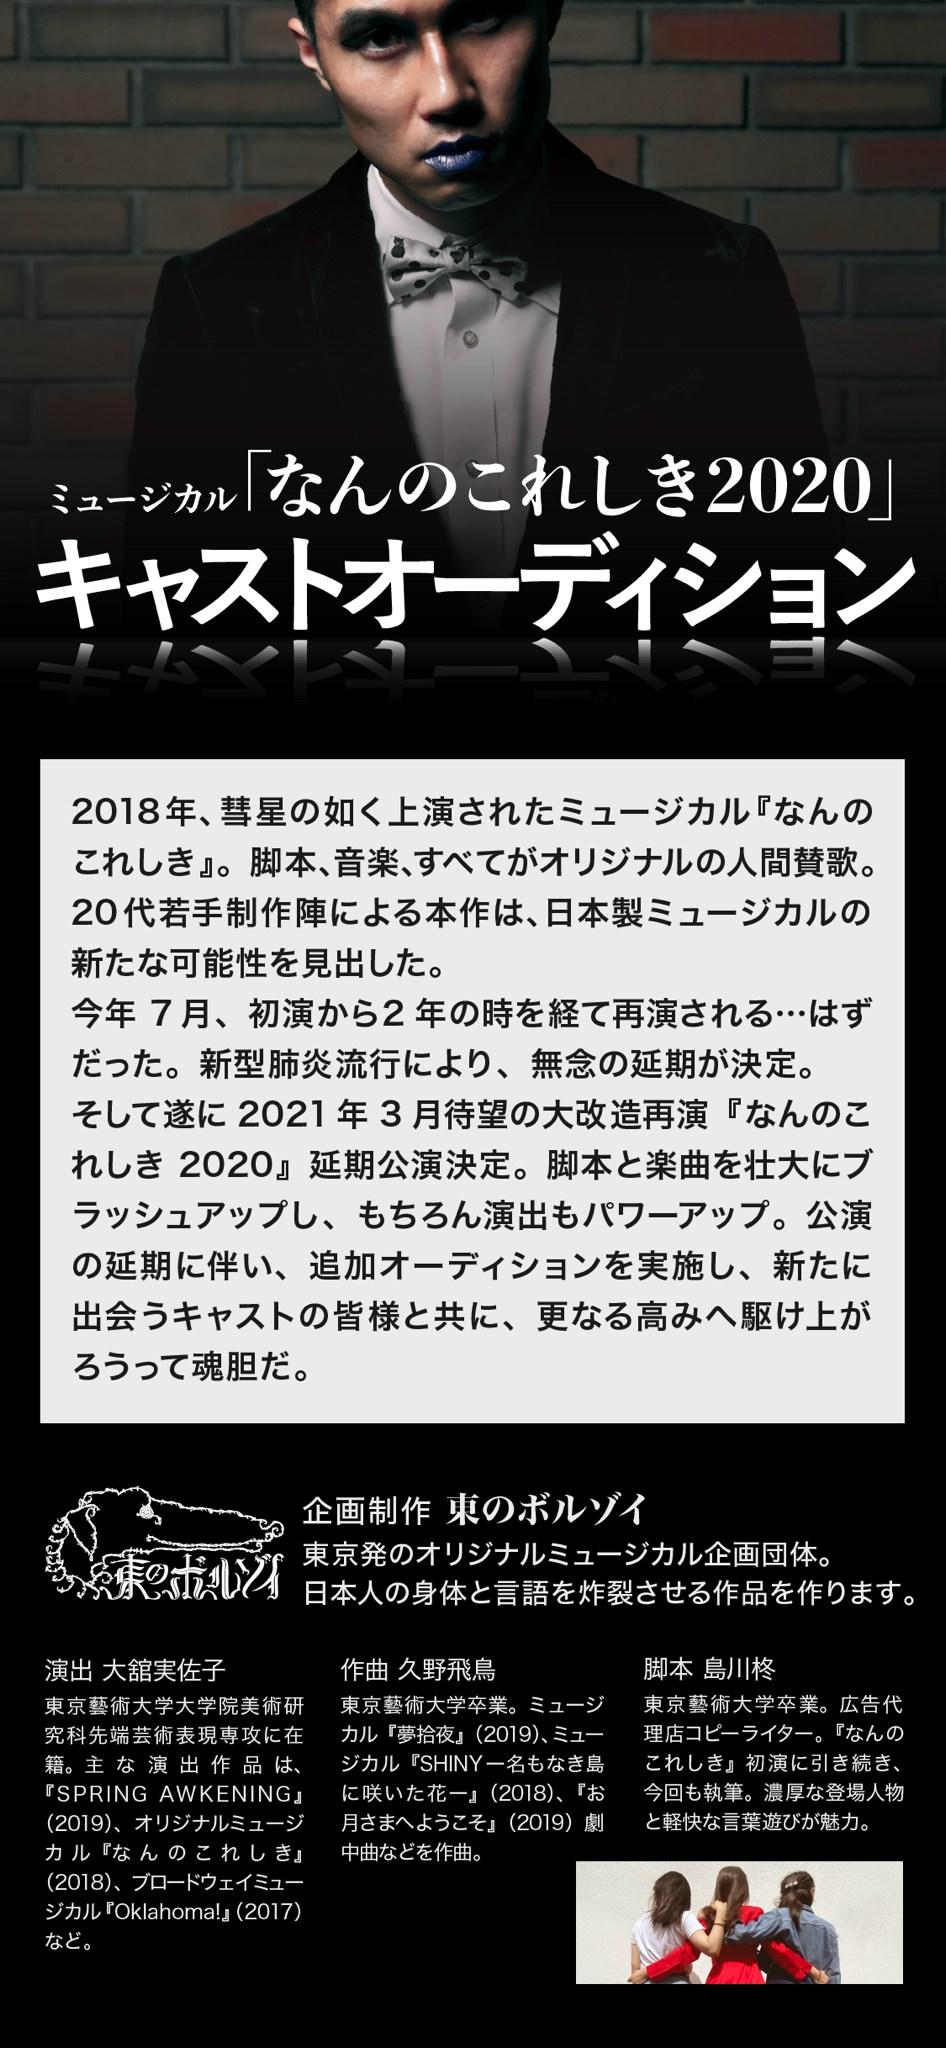 オーディション ミュージカル「なんのこれしき2020」キャストオーディション 現代日本演劇界の、次のフェーズへの起爆剤となる。 主催:東のボルゾイ、カテゴリ:舞台